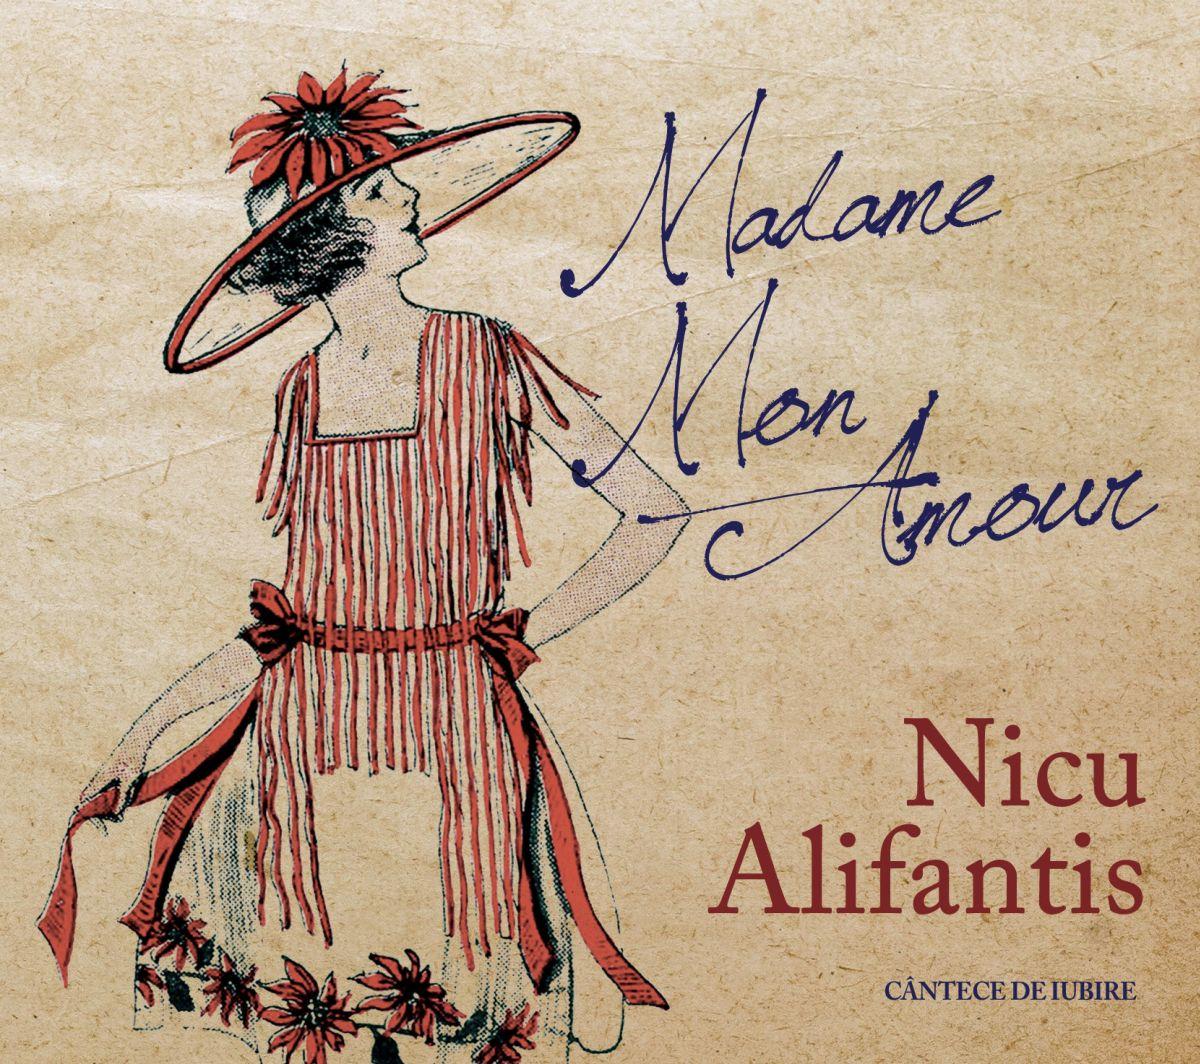 alifantis_album